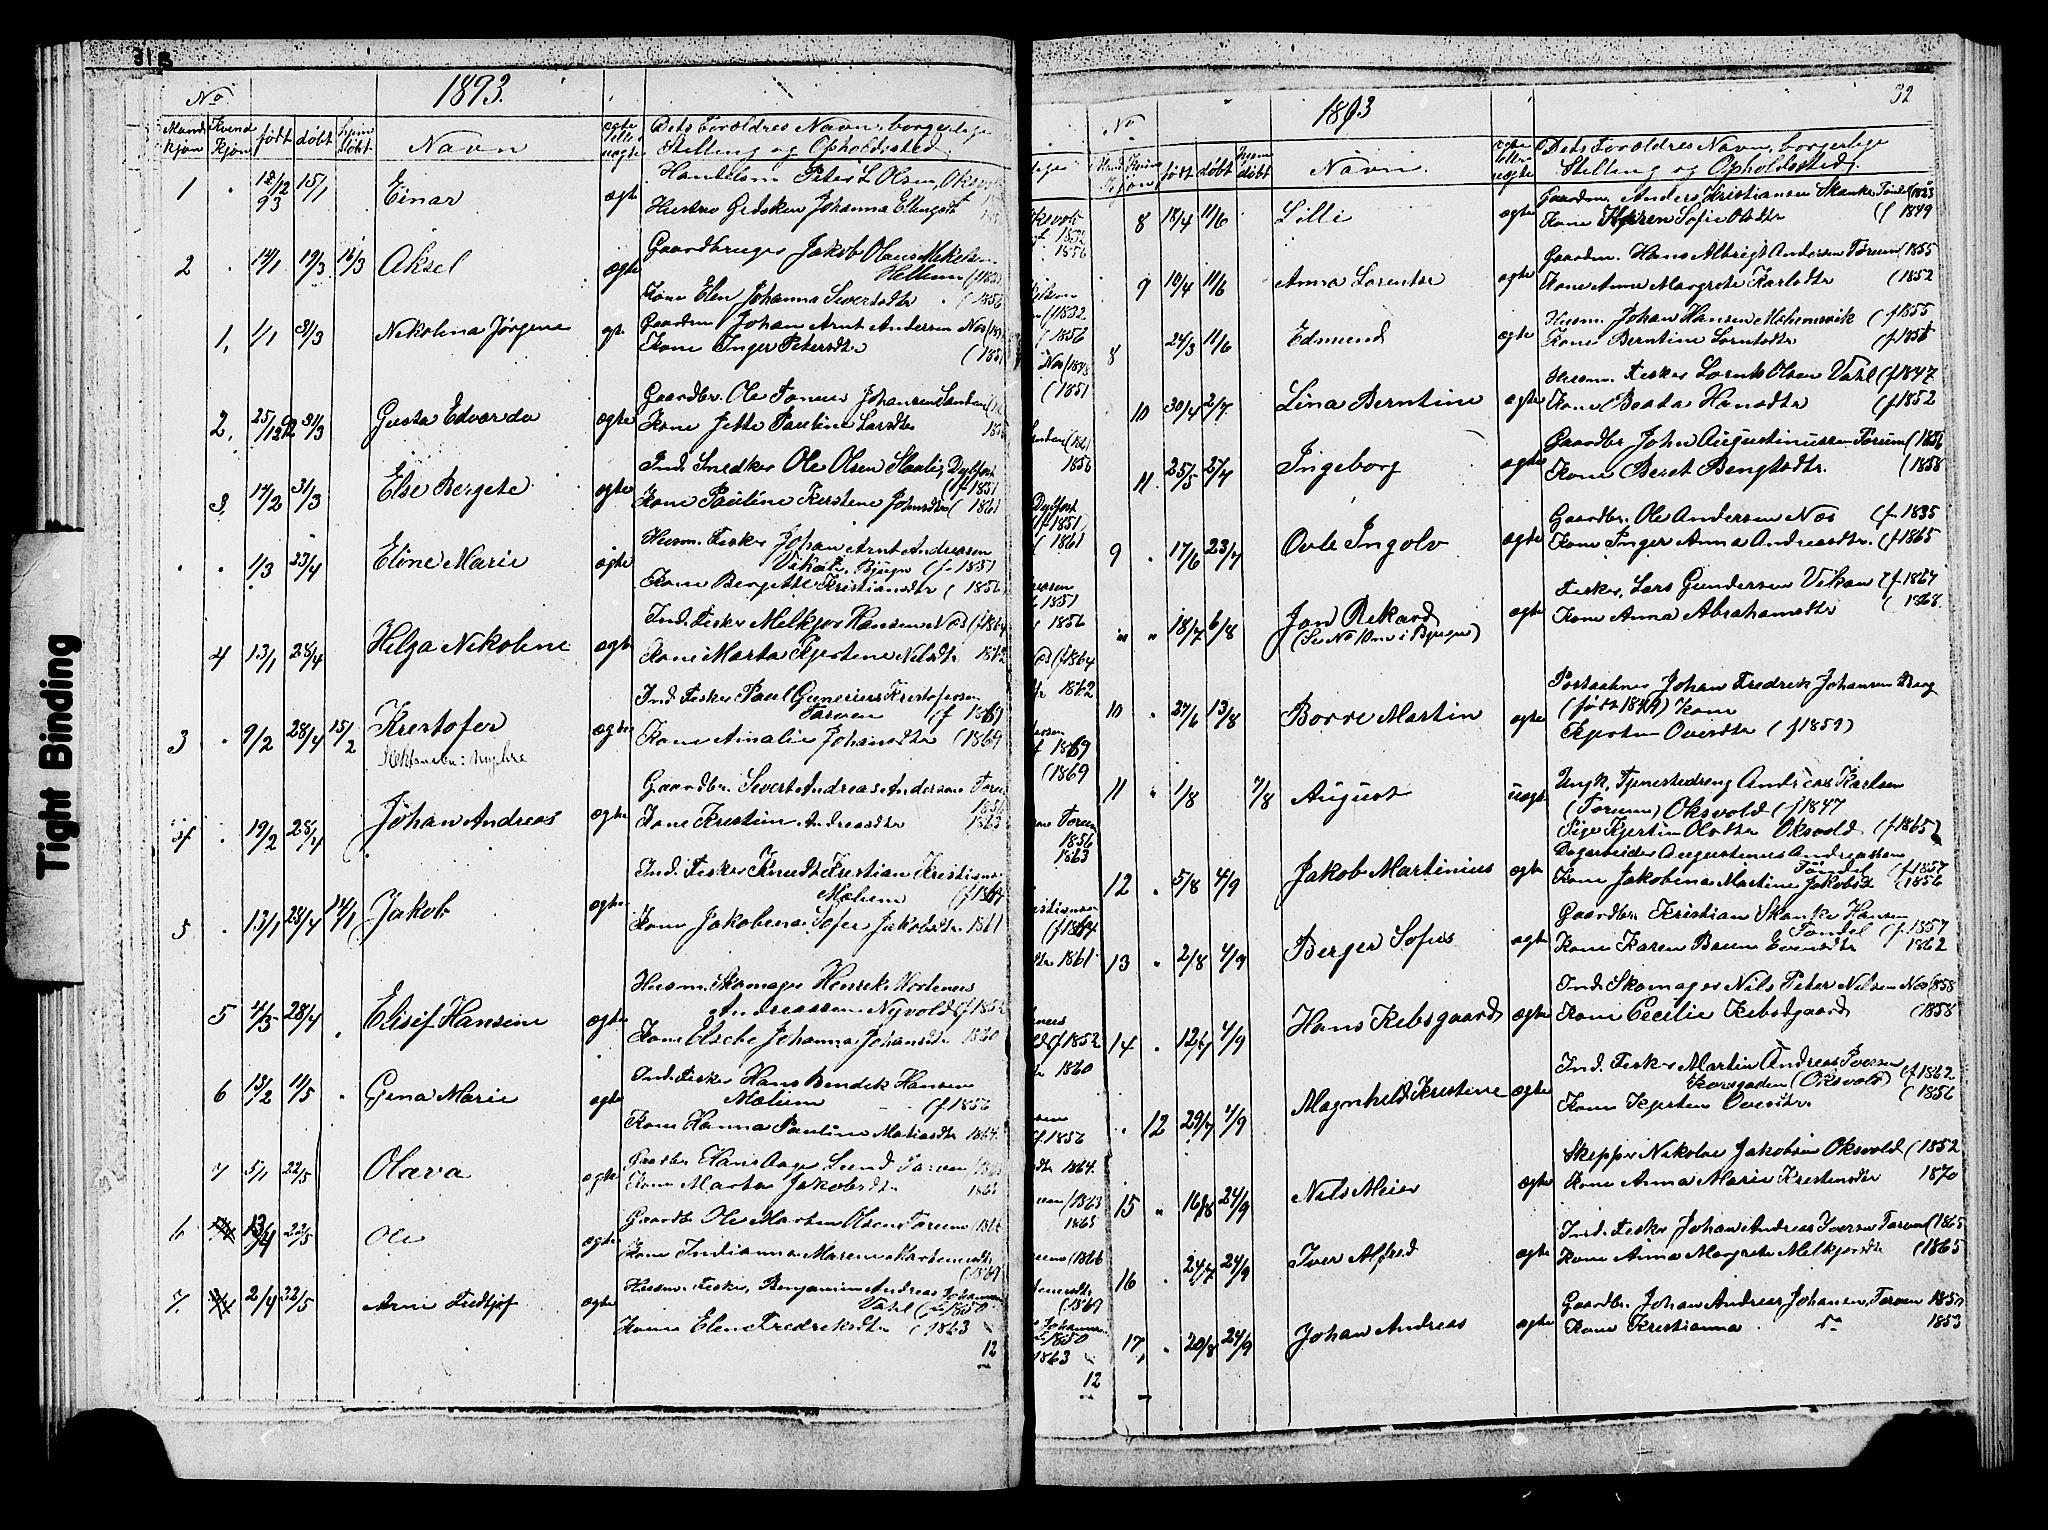 SAT, Ministerialprotokoller, klokkerbøker og fødselsregistre - Sør-Trøndelag, 652/L0653: Klokkerbok nr. 652C01, 1866-1910, s. 32